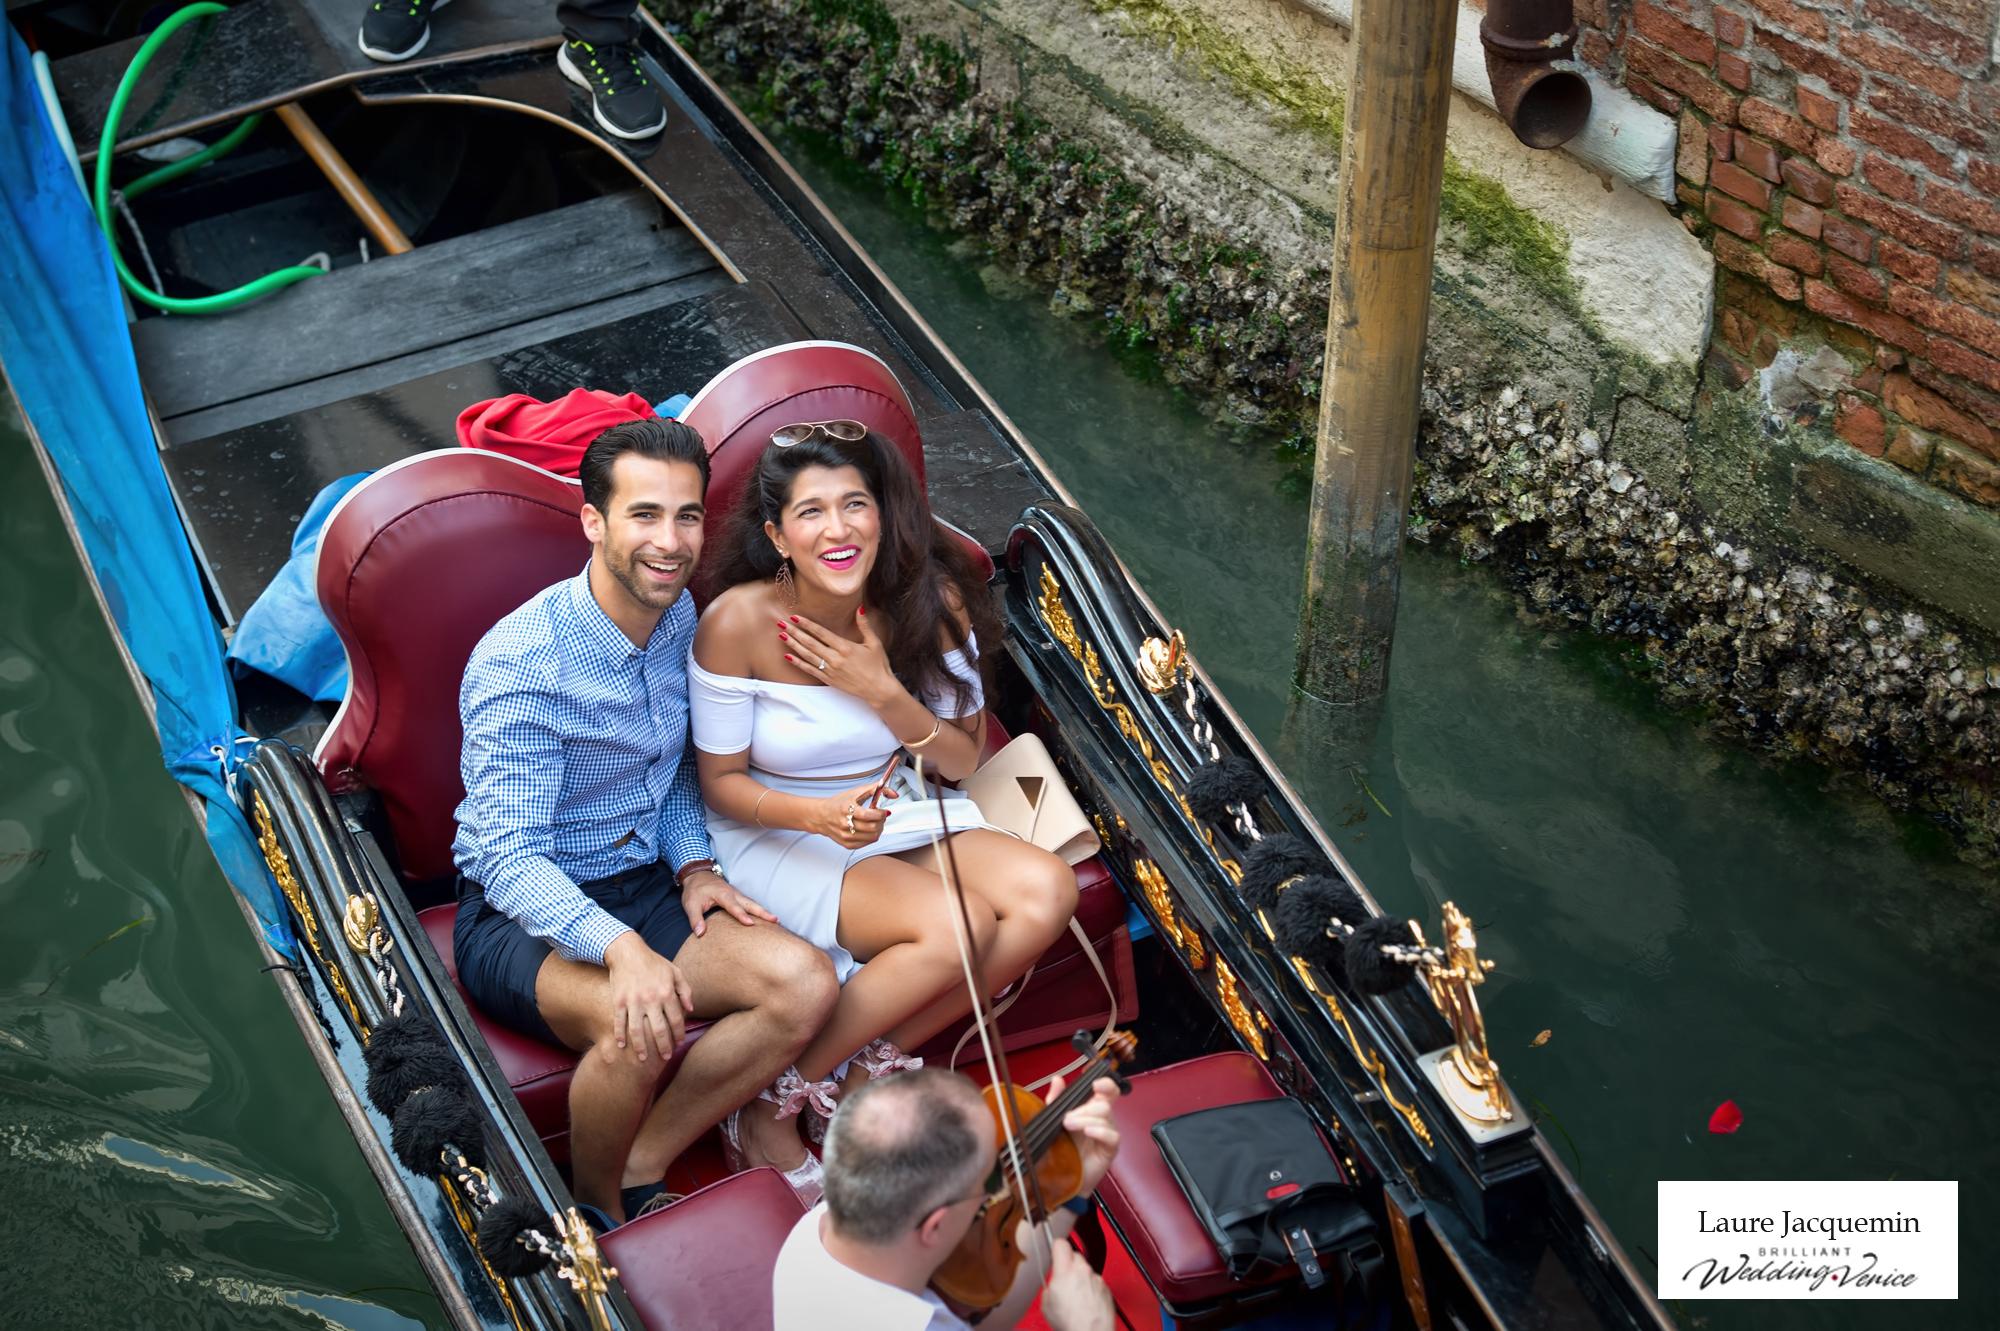 venise gondole banner fiancaille photographe demande mariage laure jacquemin (12)